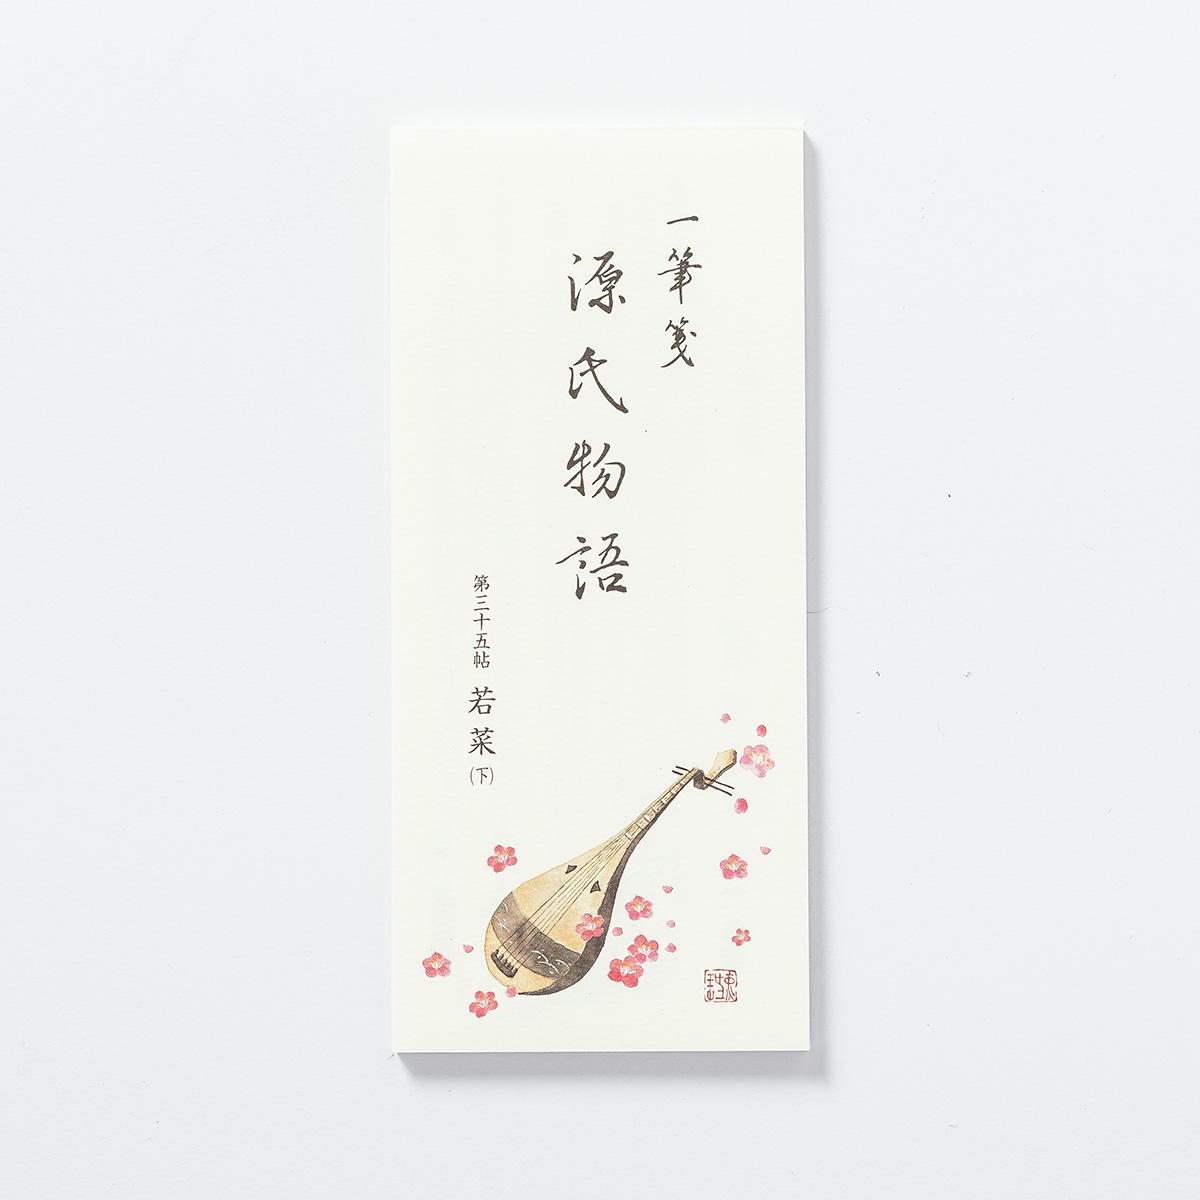 源氏物語一筆箋 第35帖「若菜(下)」